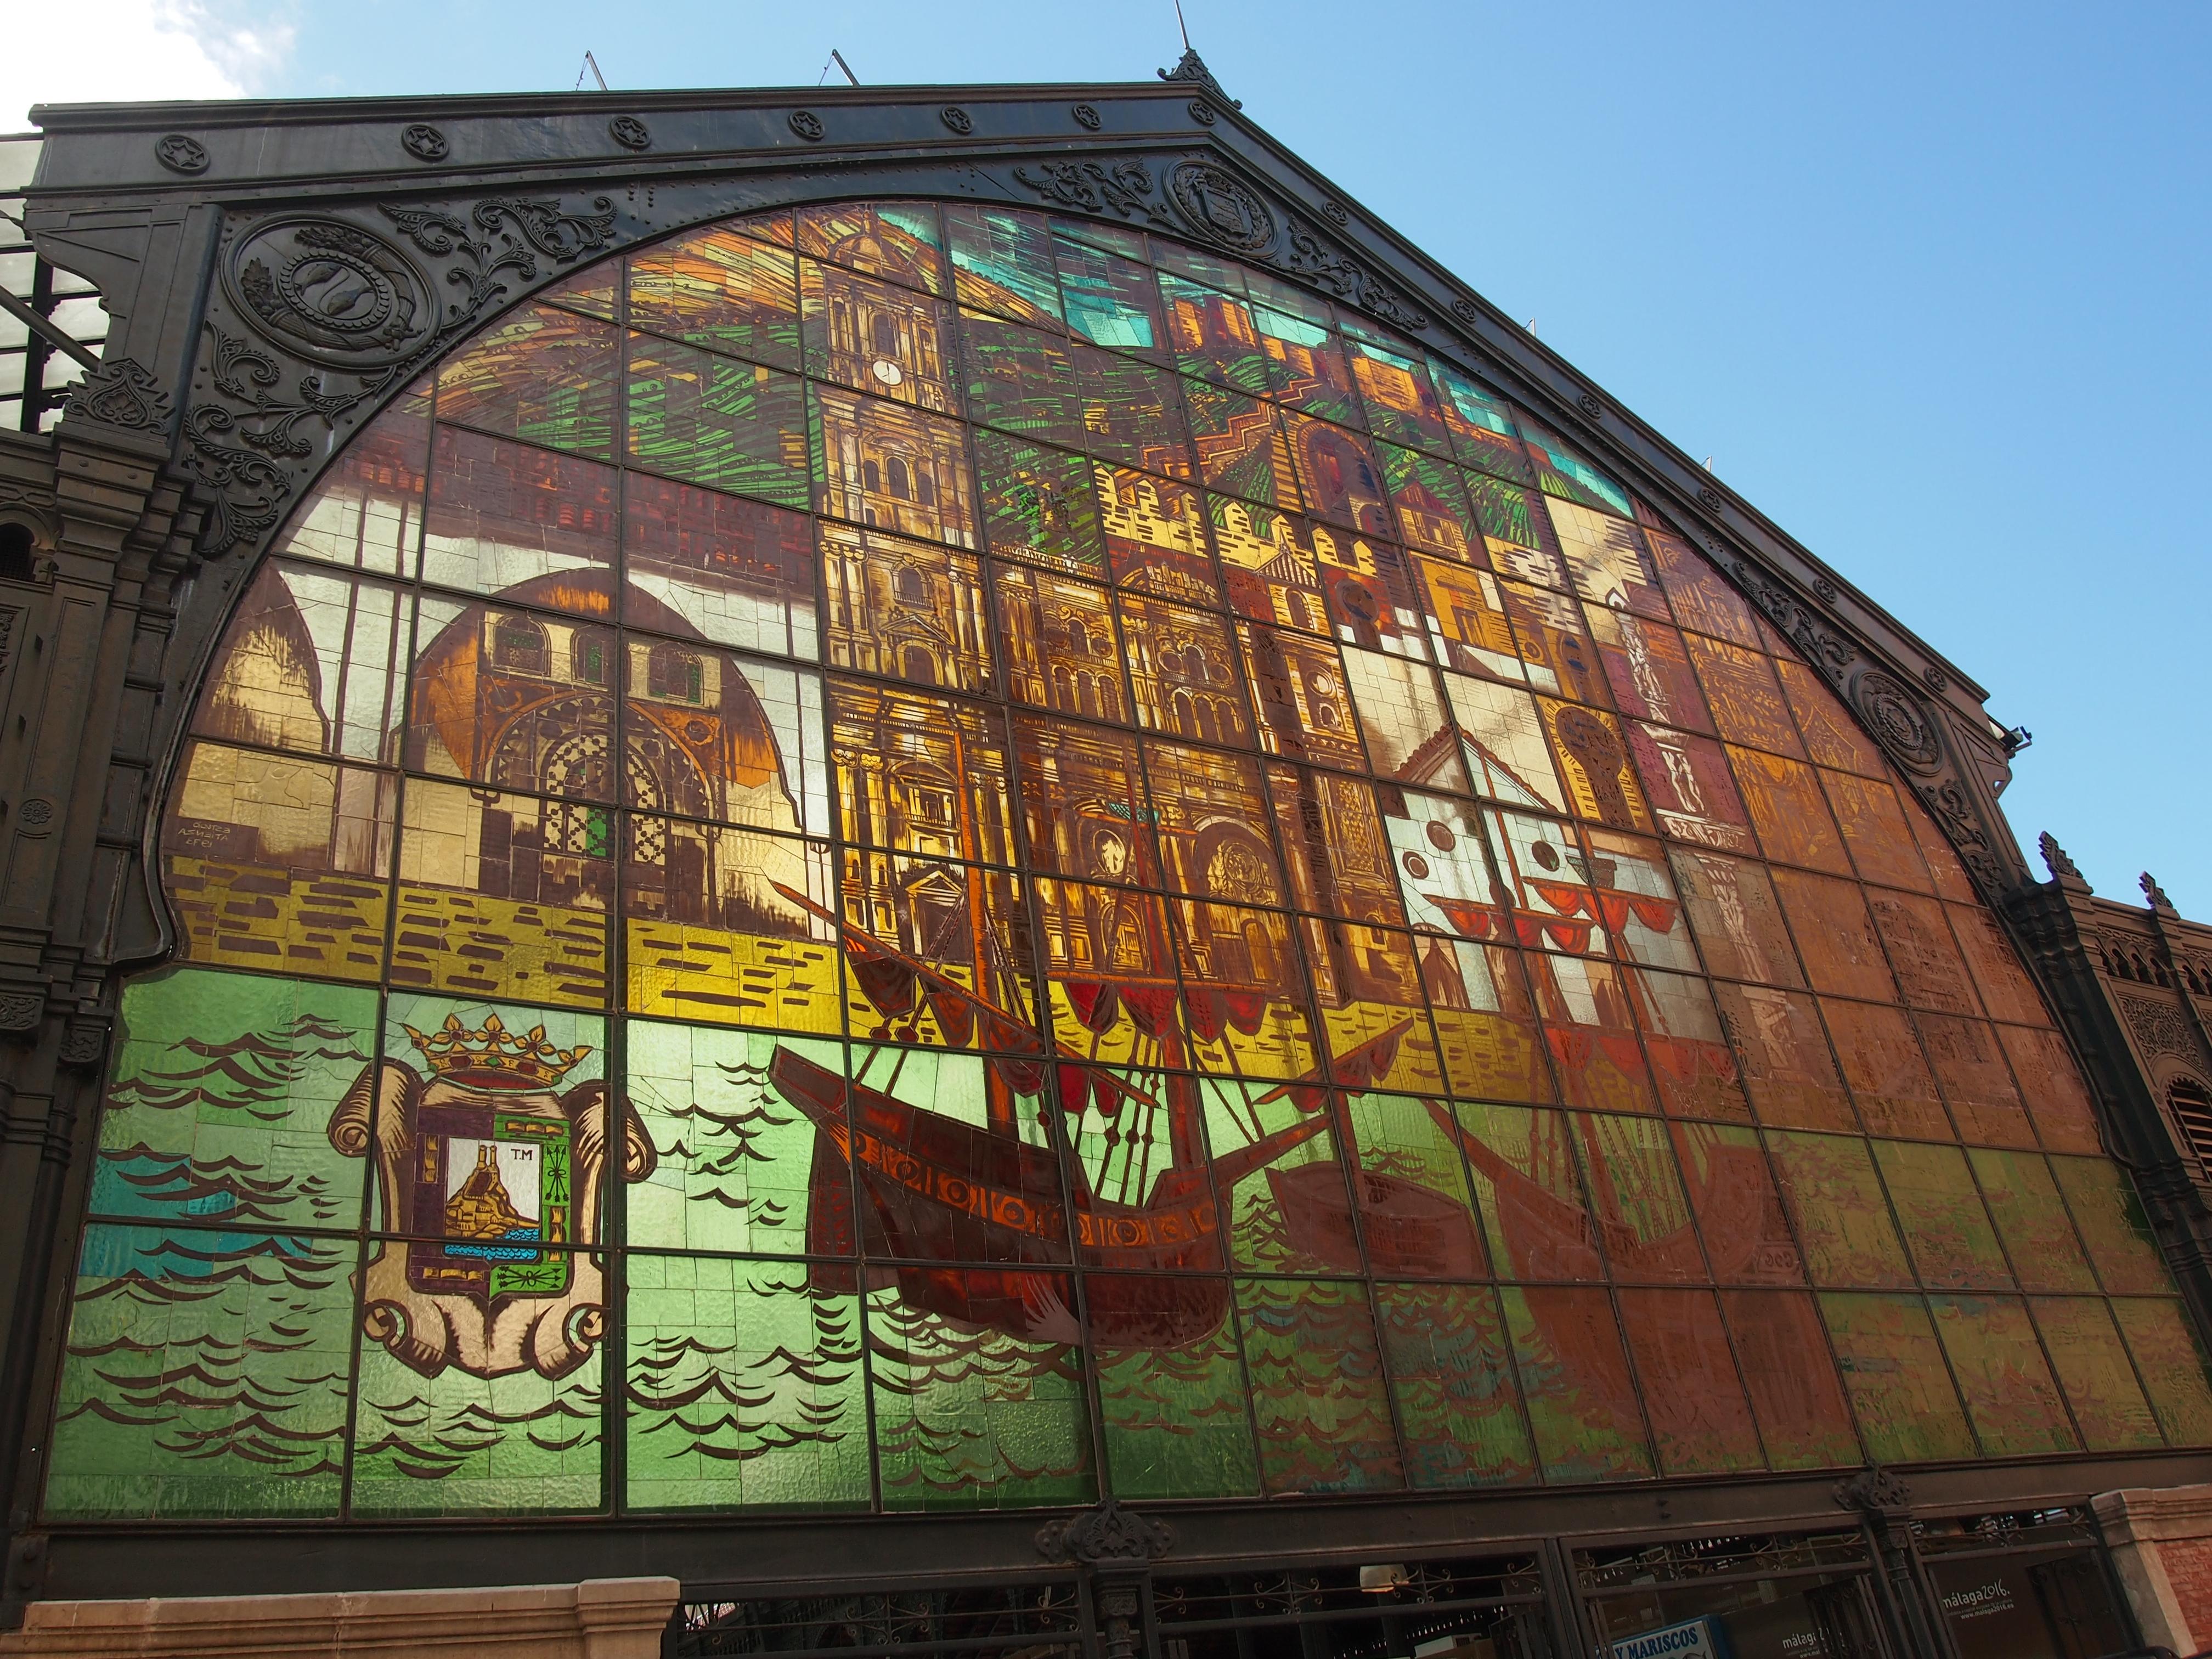 File:Malaga Central Market (Mercado Central de Atarazanas).JPG - Wikimedia Co...